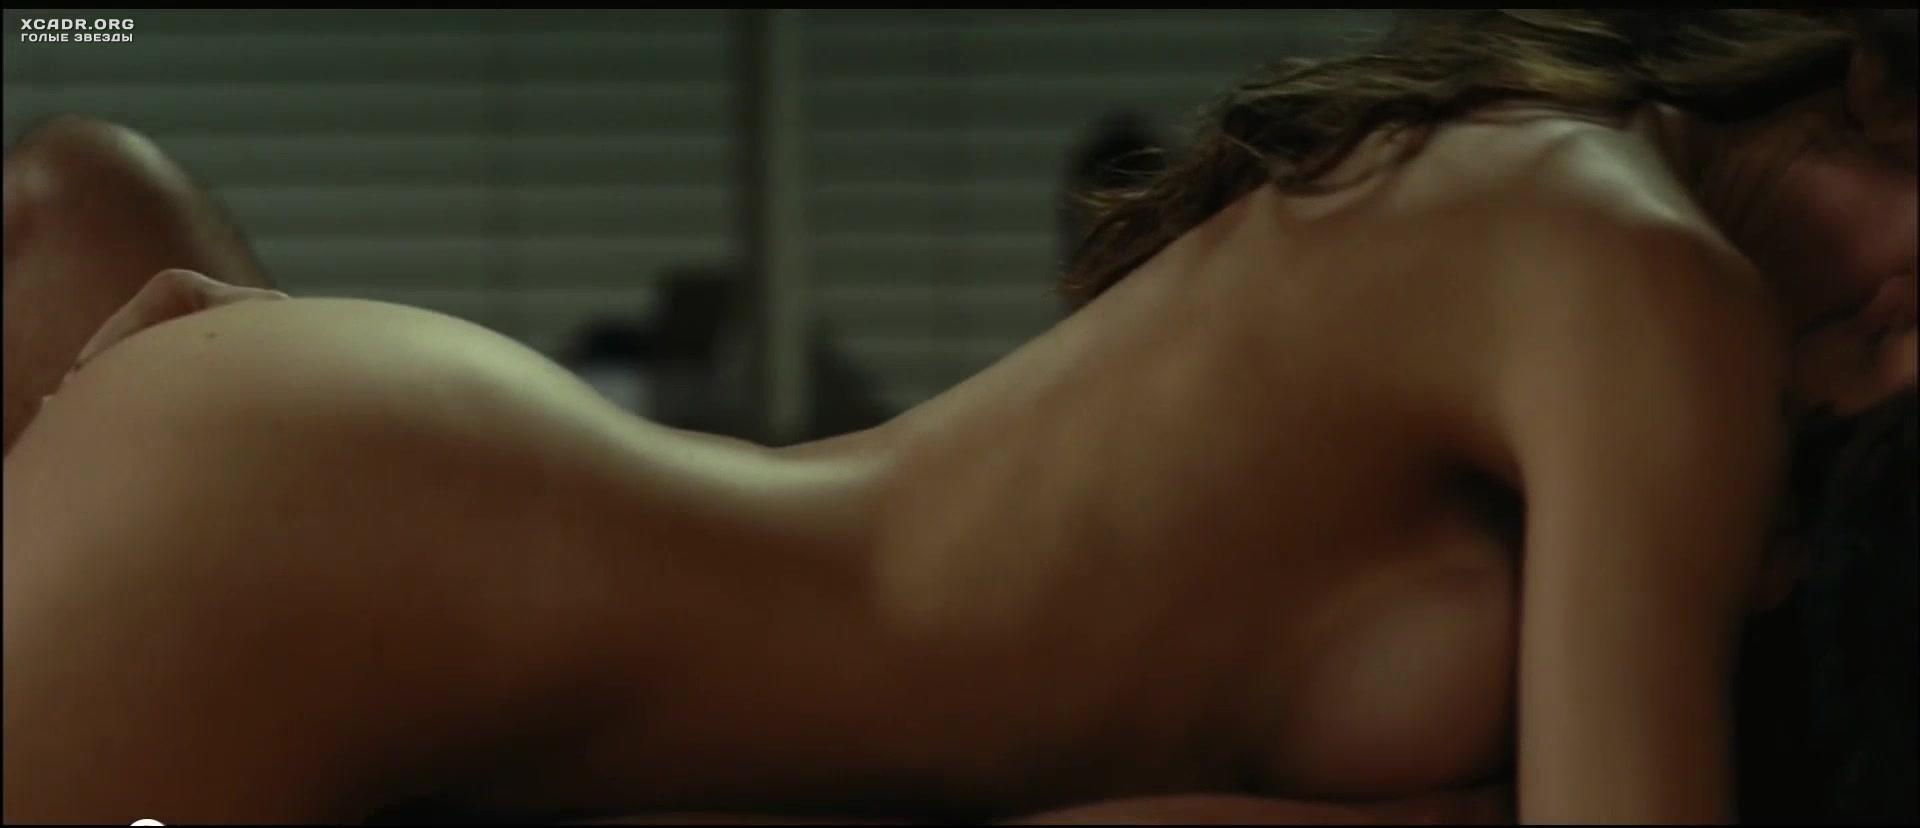 Порно видео с актрисой эльза патаки, домашнее порно казахов